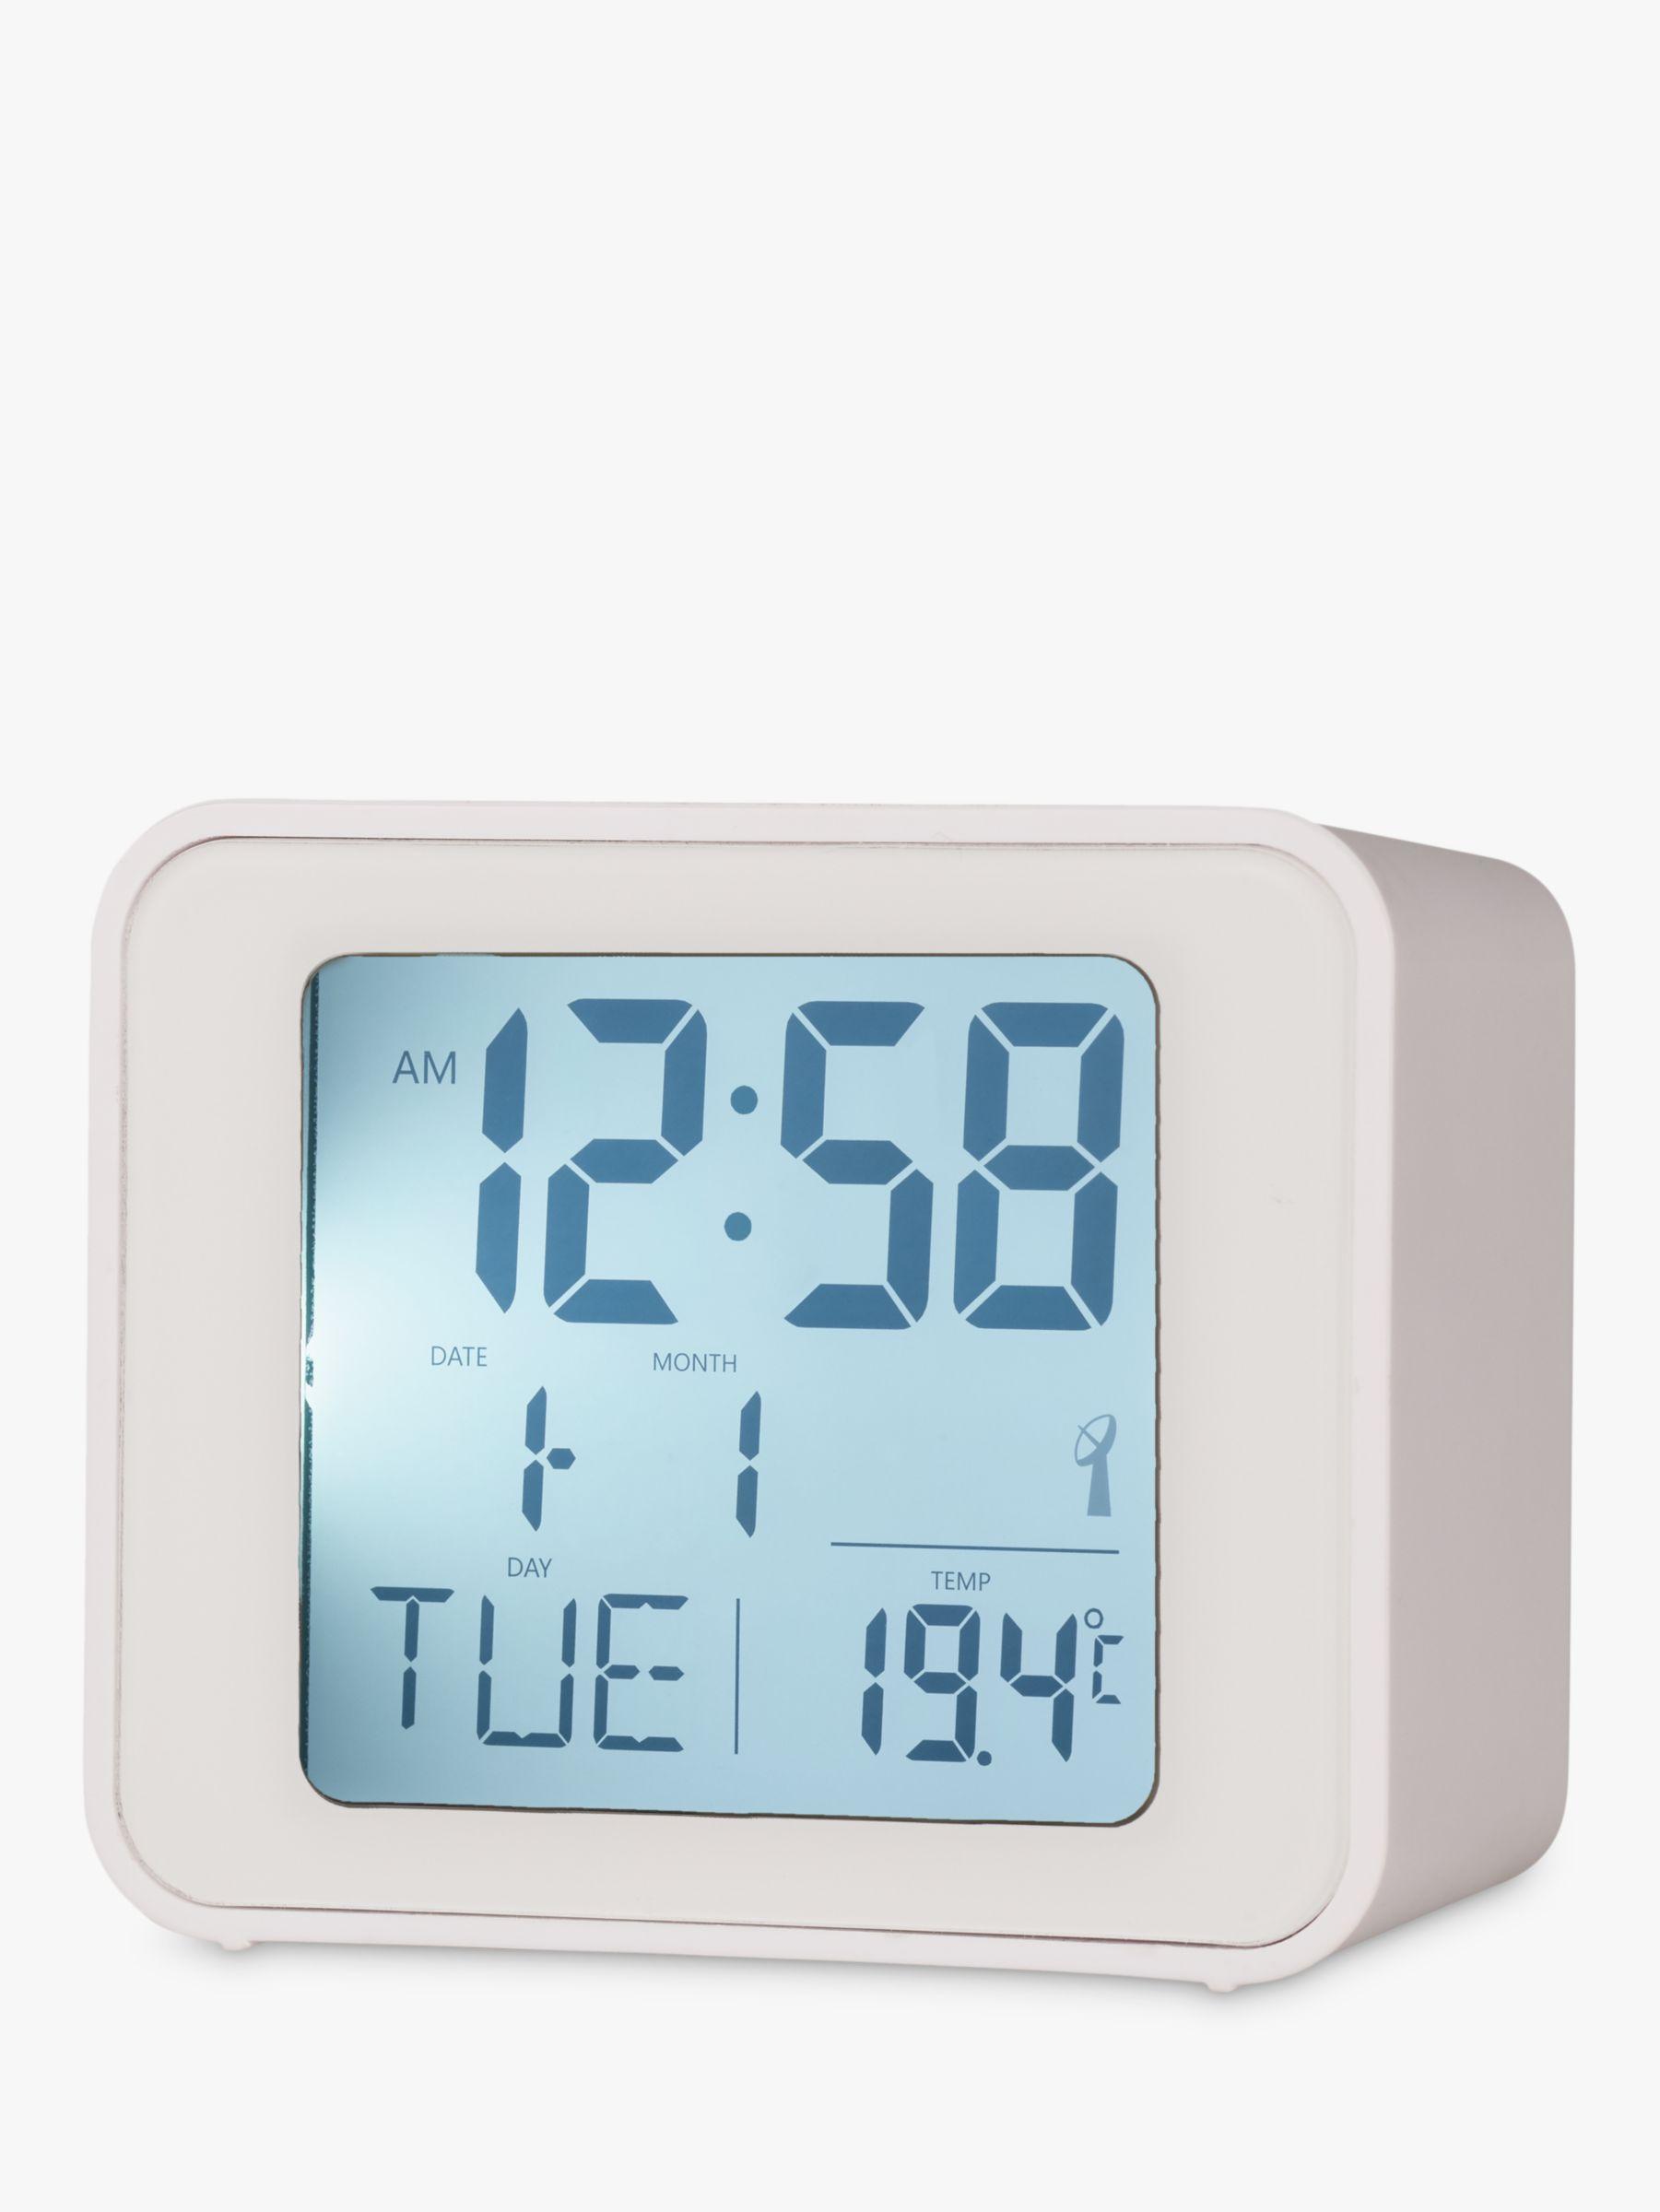 Acctim Acctim Radio Controlled Digital Alarm Clock